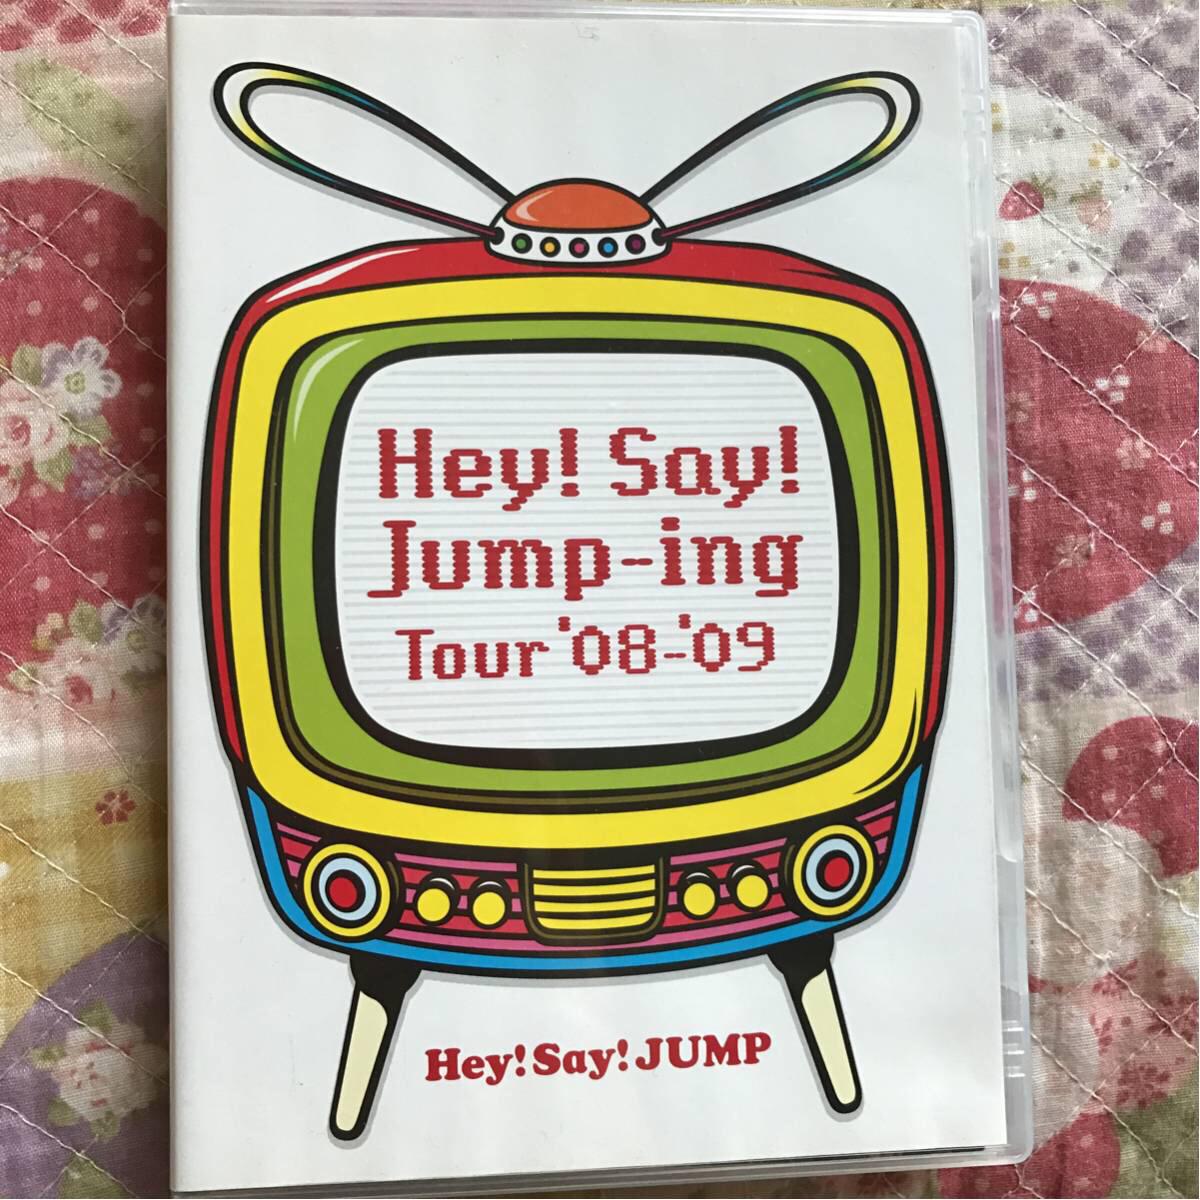 [DVD]Hey!Say!Jump-ing Tour '08-'09 コンサートグッズの画像